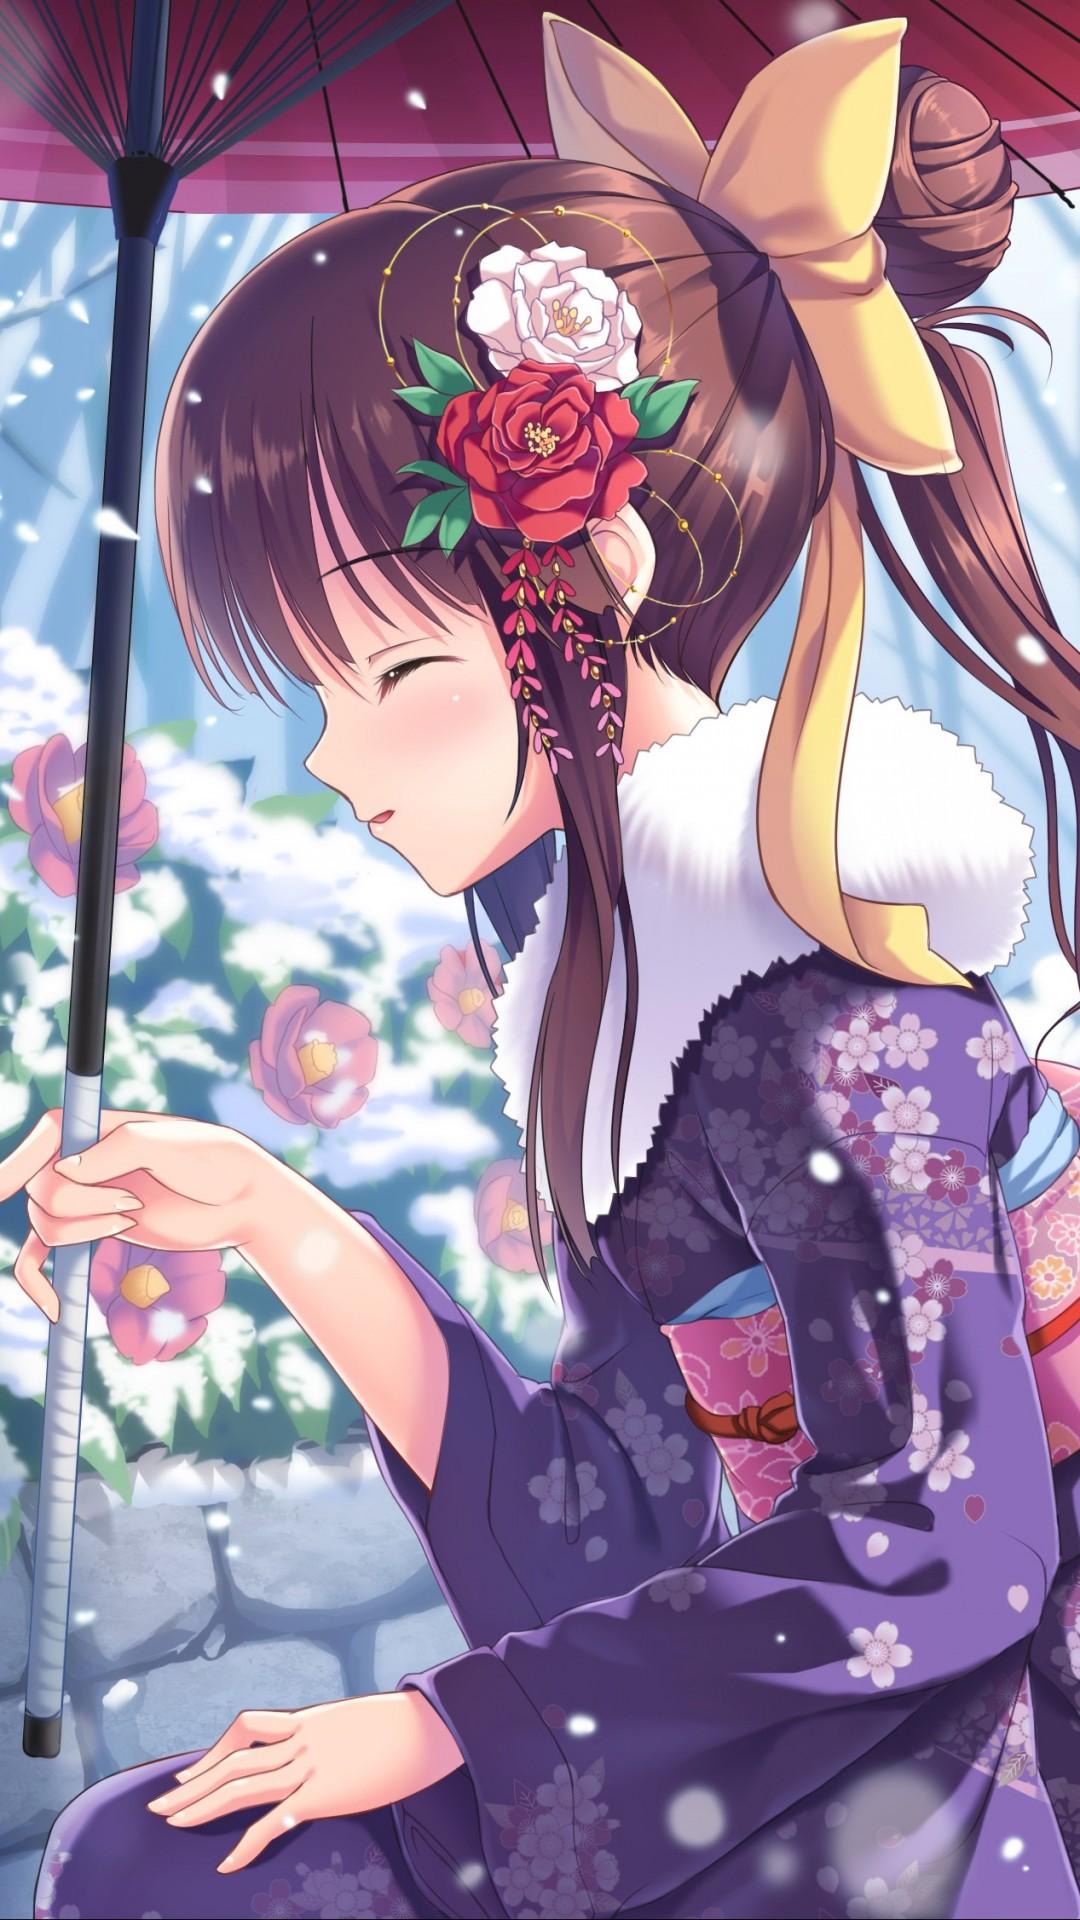 Wallpaper Anime Girl Beauty Winter Rabbits Snow 4k